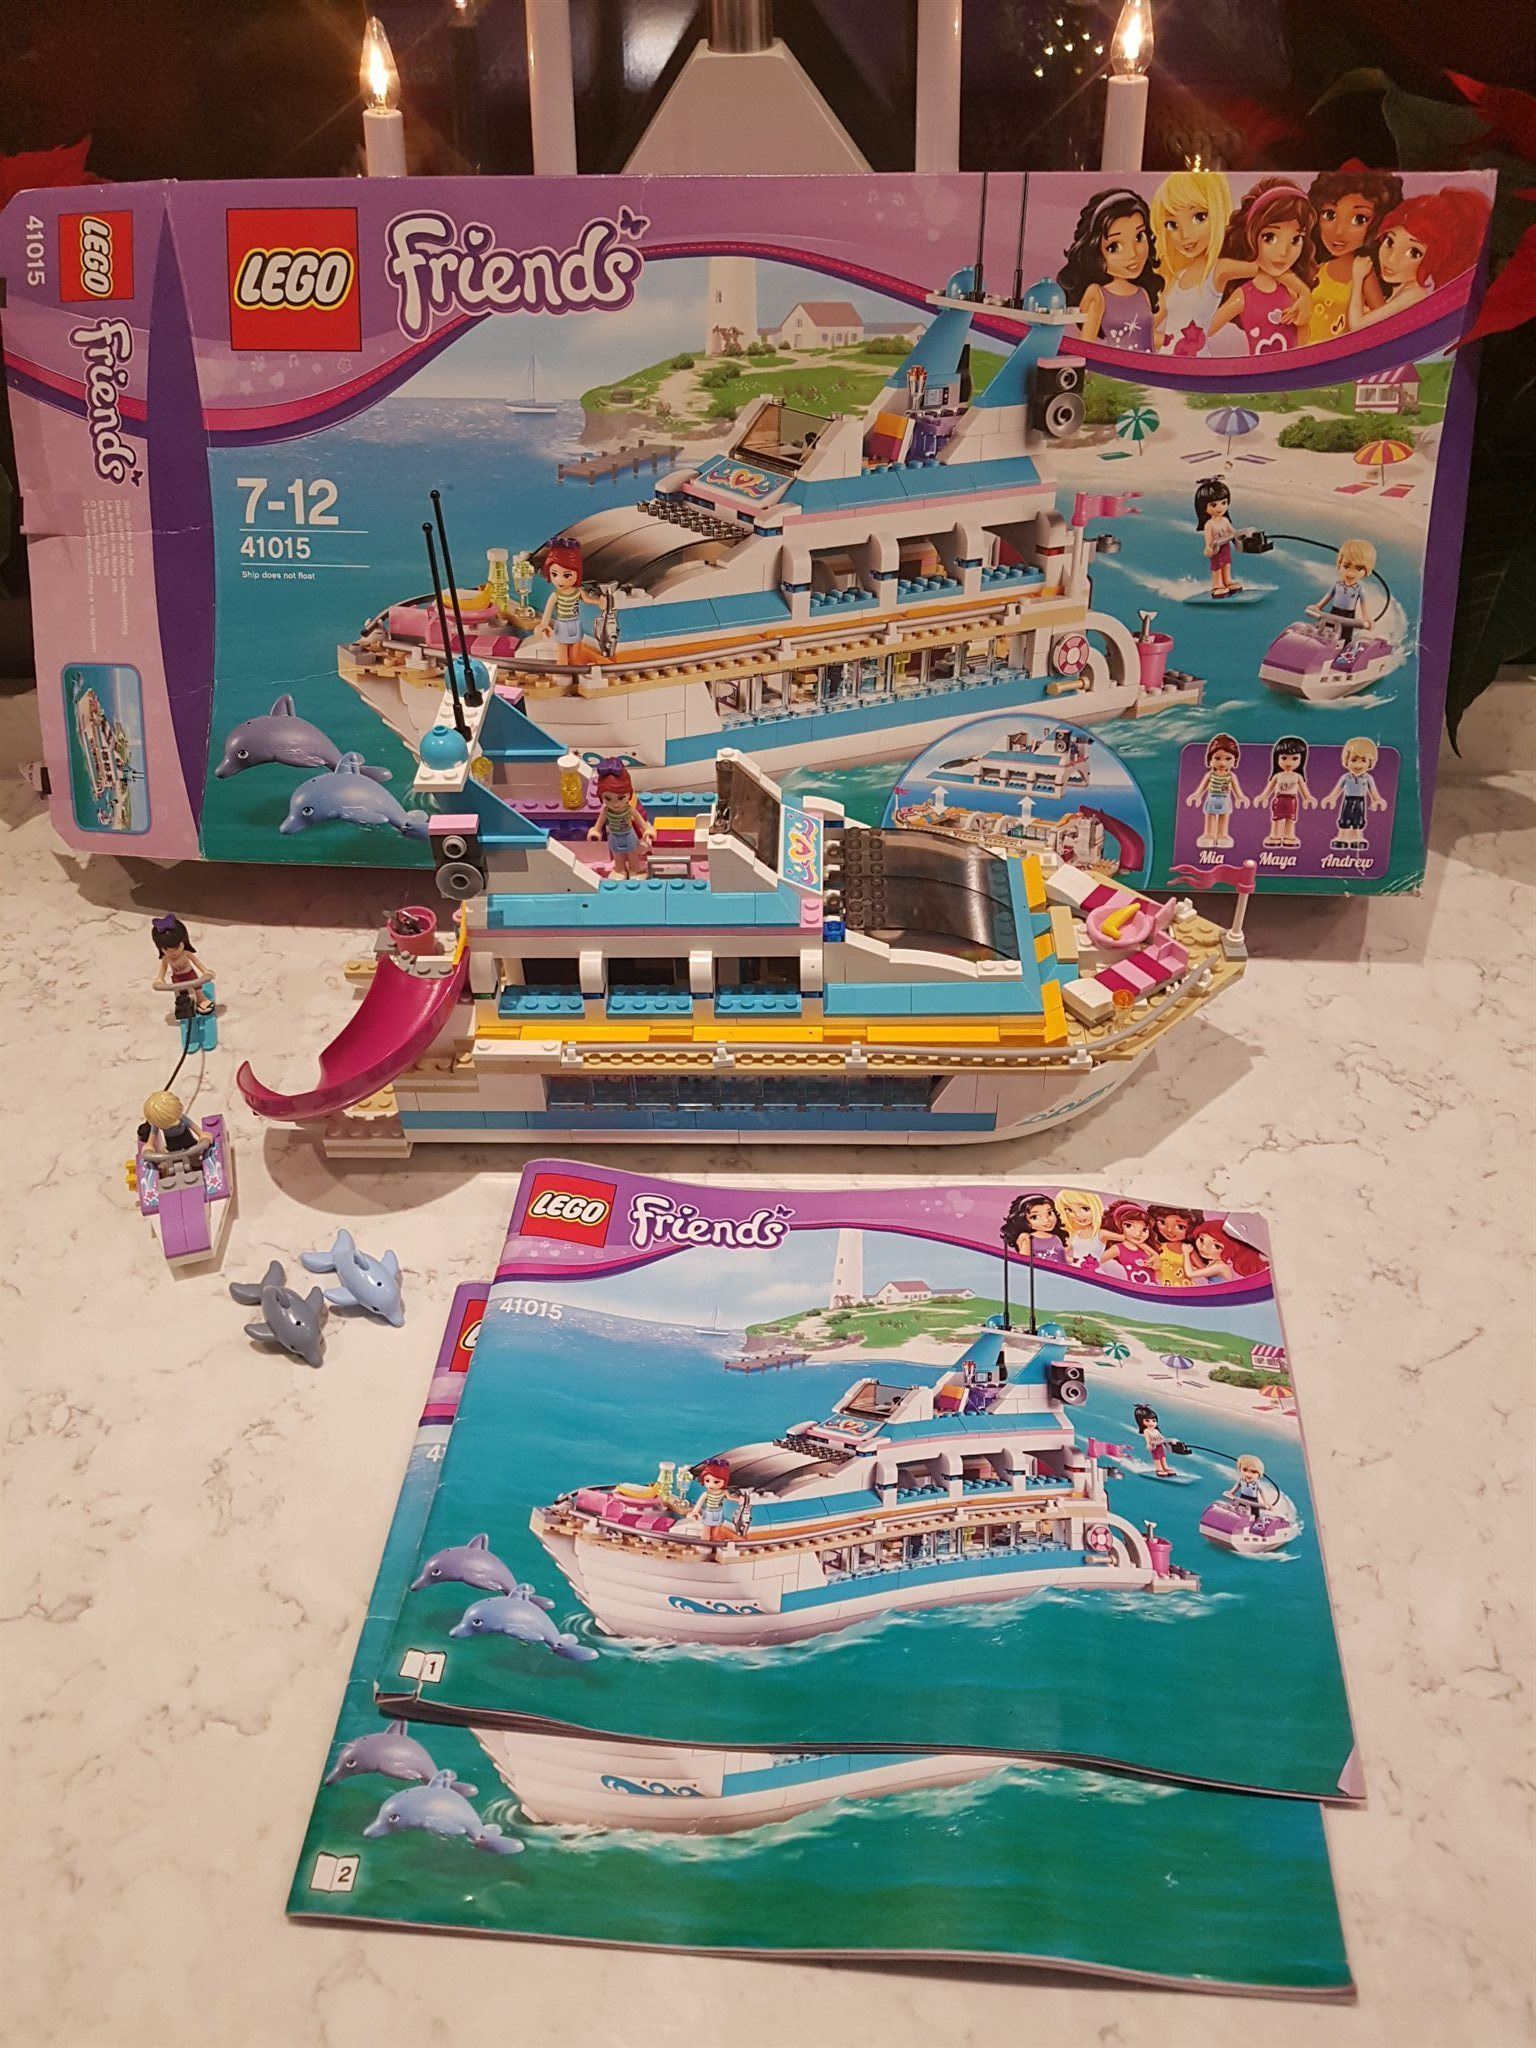 Avansert Lego Friends 41015 båt (333221515) ᐈ Köp på Tradera ZZ-78